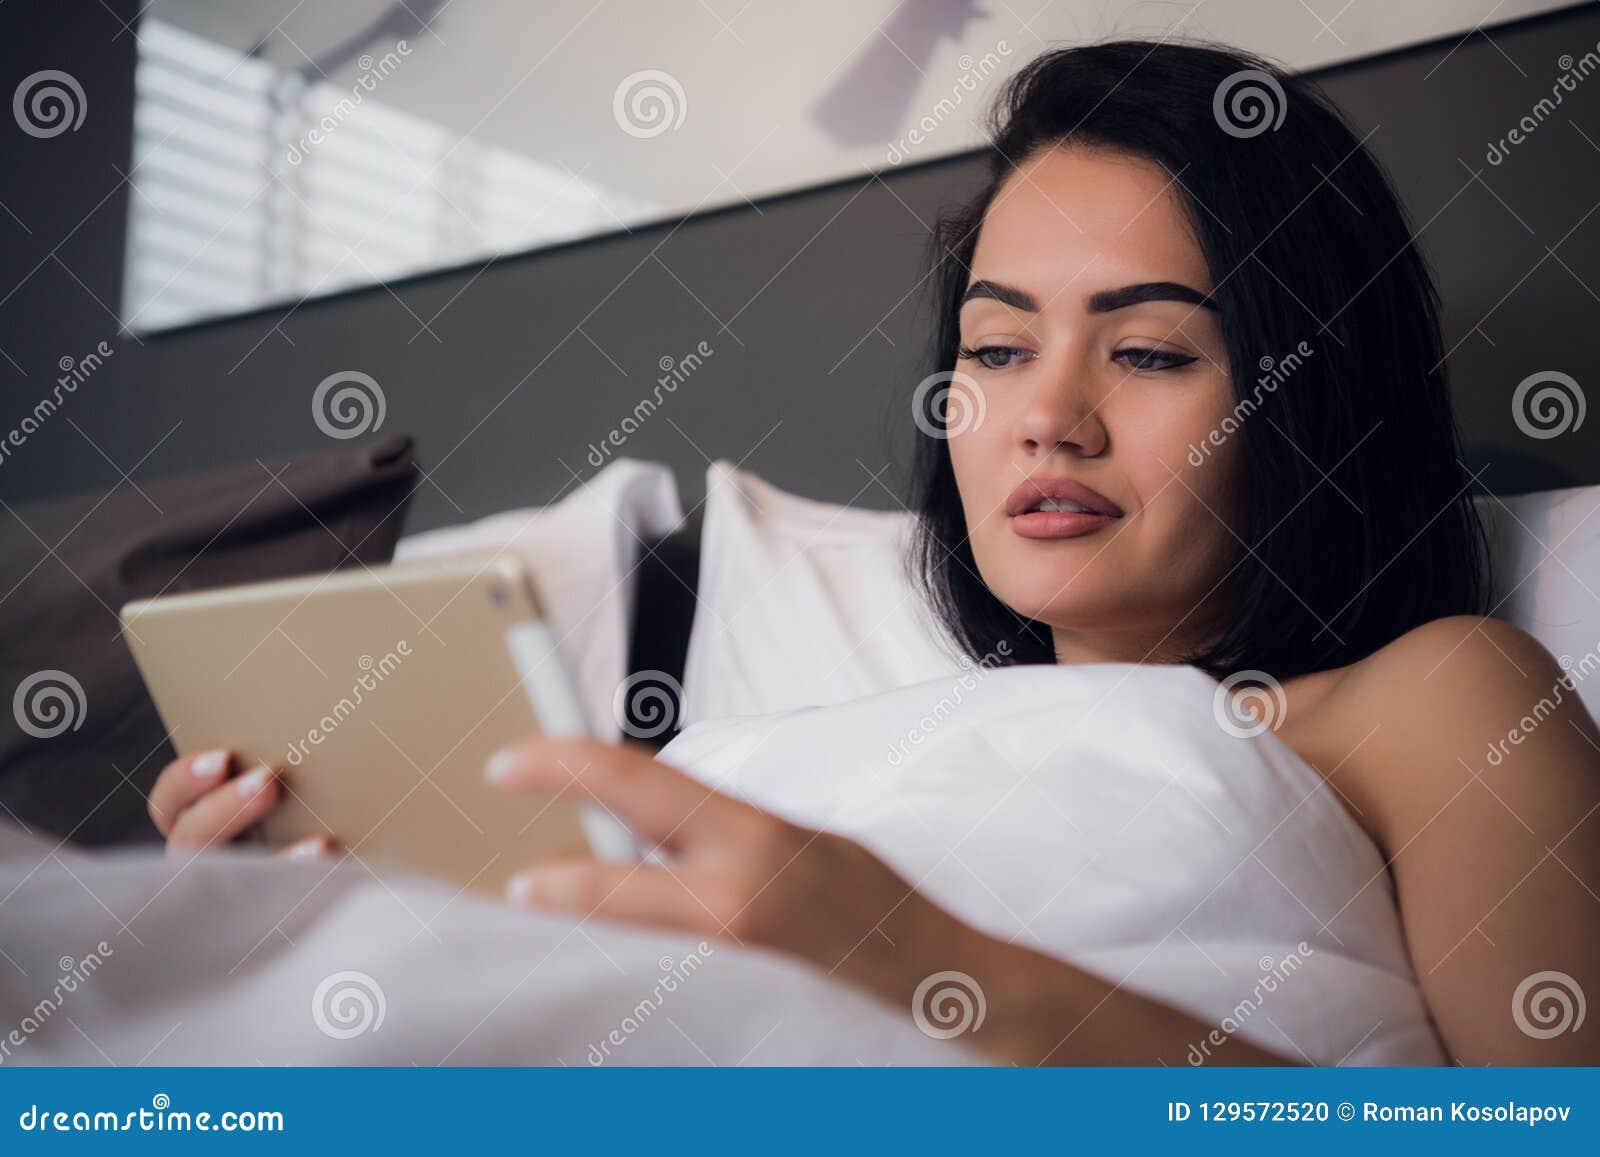 Attraktives Brunettemädchen, das digitale Tablette mit leerem Bildschirm hält und im Schlafzimmer lächelt